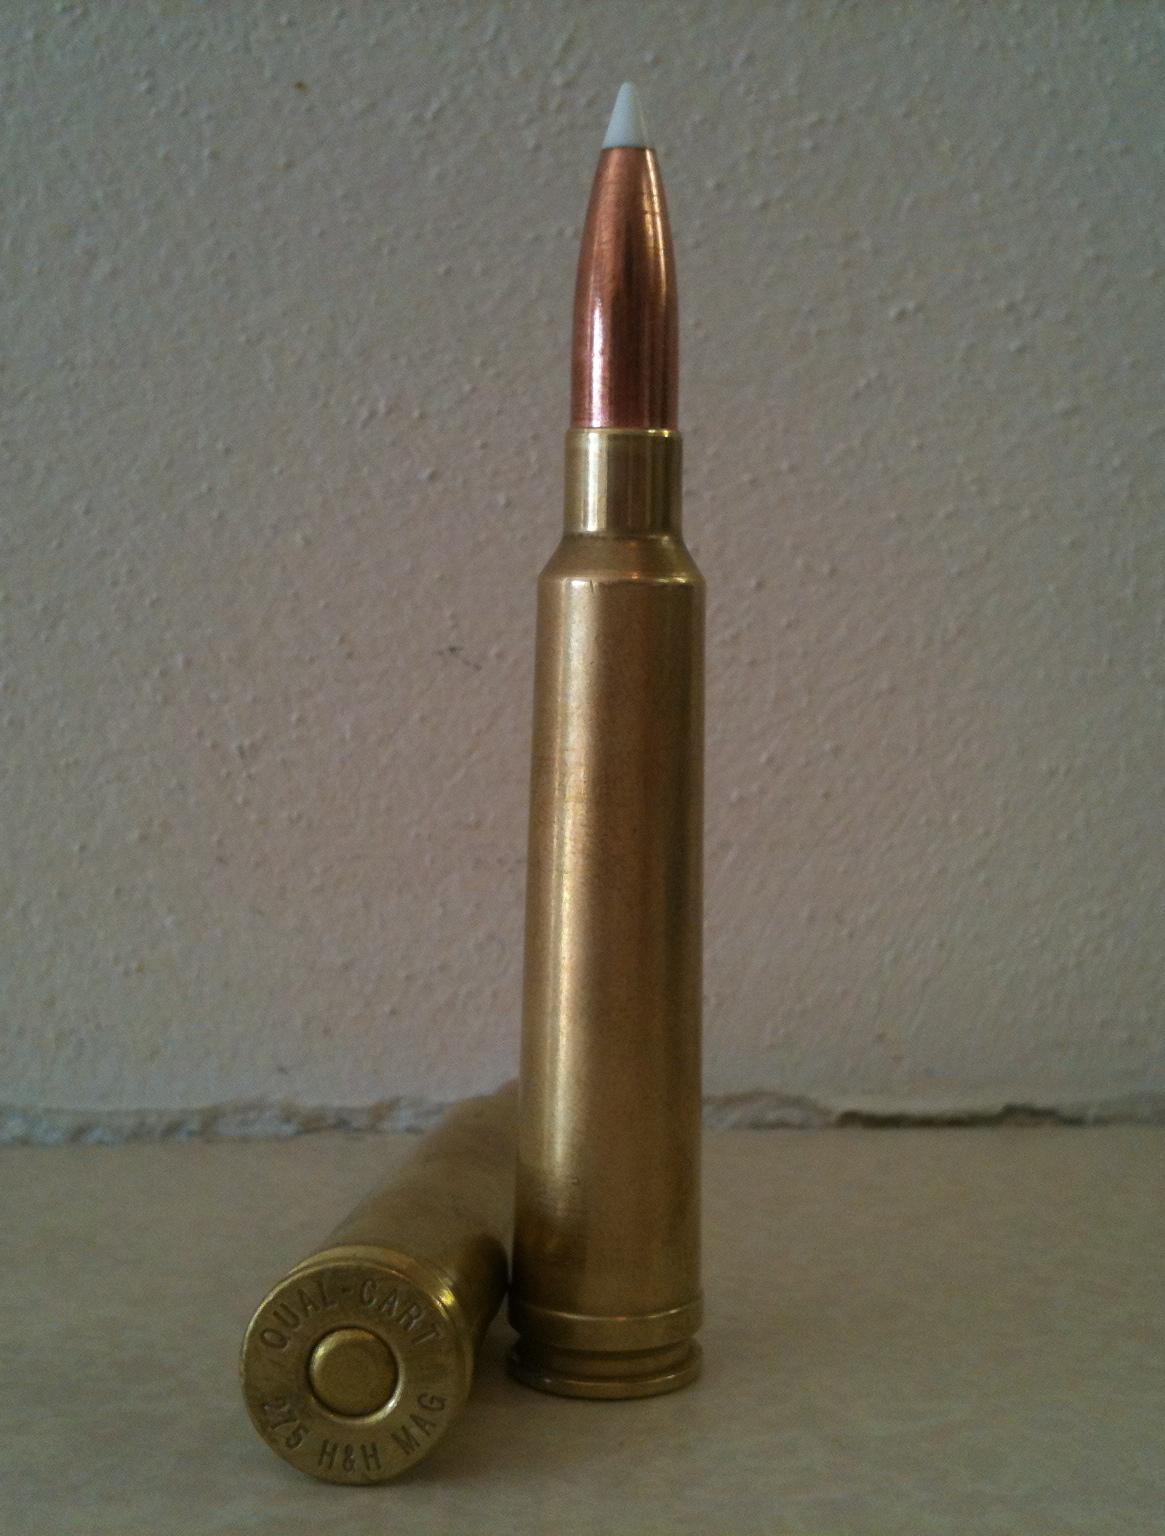 275 H&H Magnum - Wikipedia